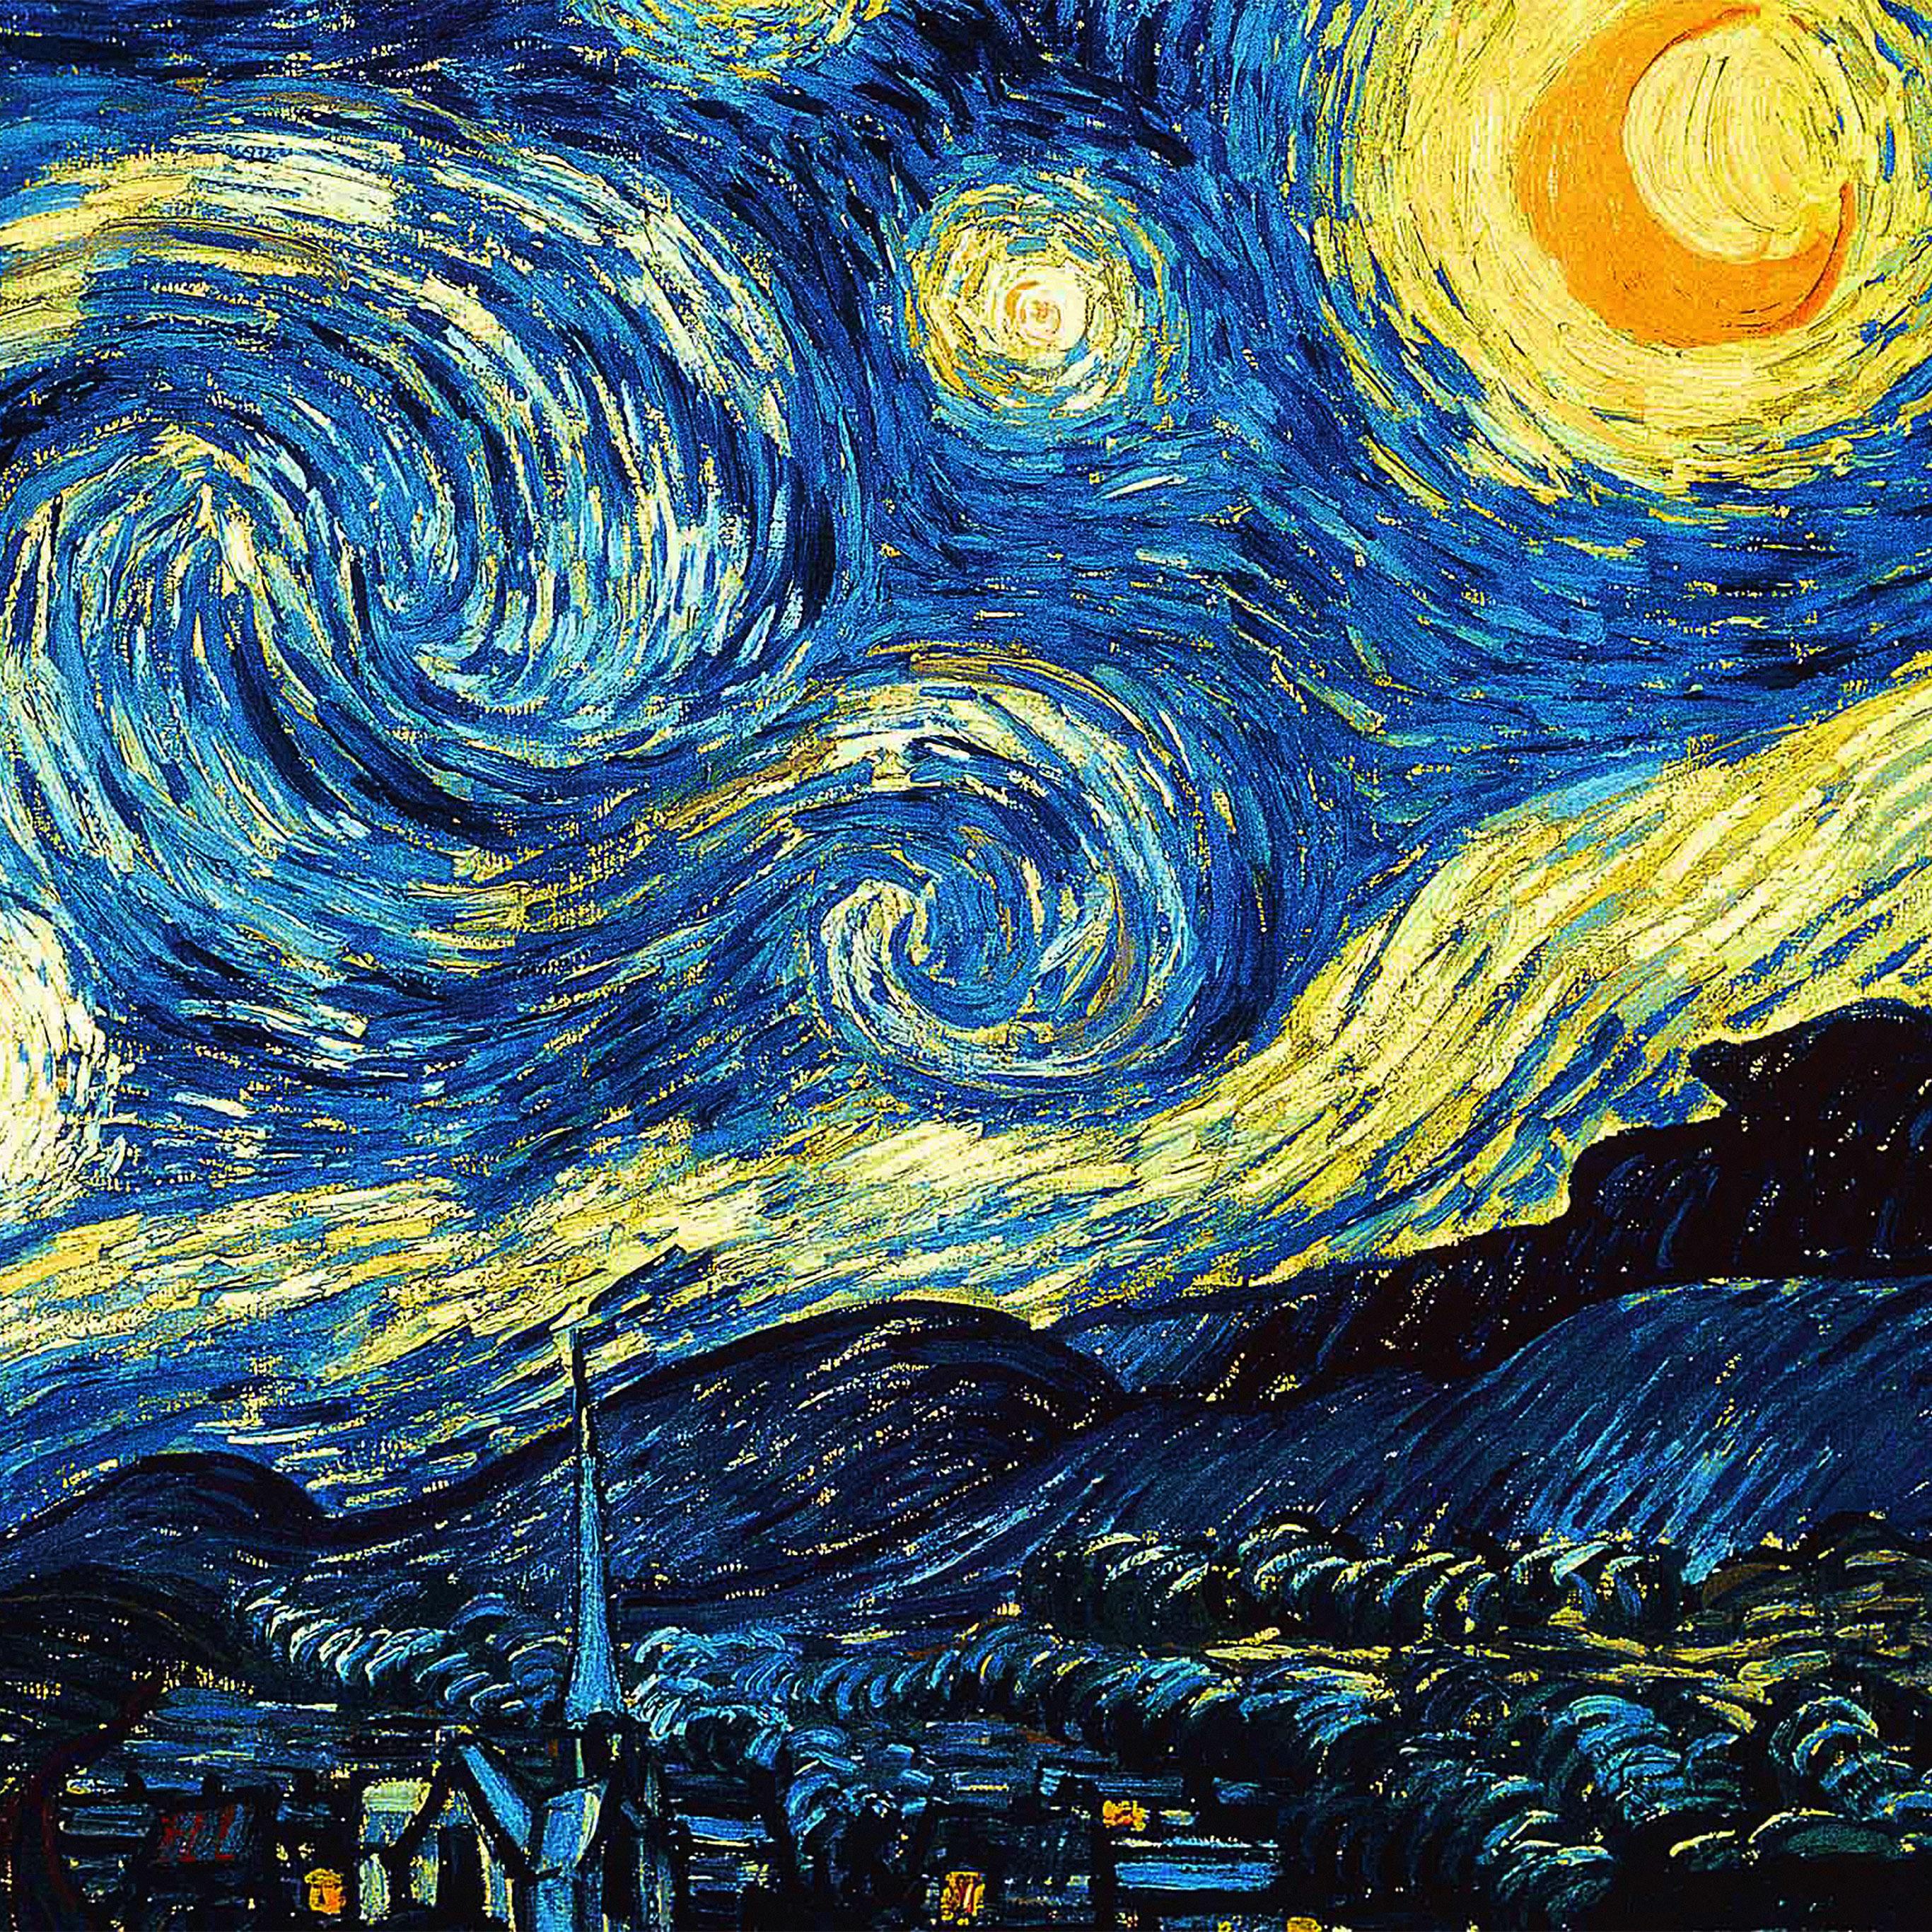 Van Gogh Wallpaper: Large